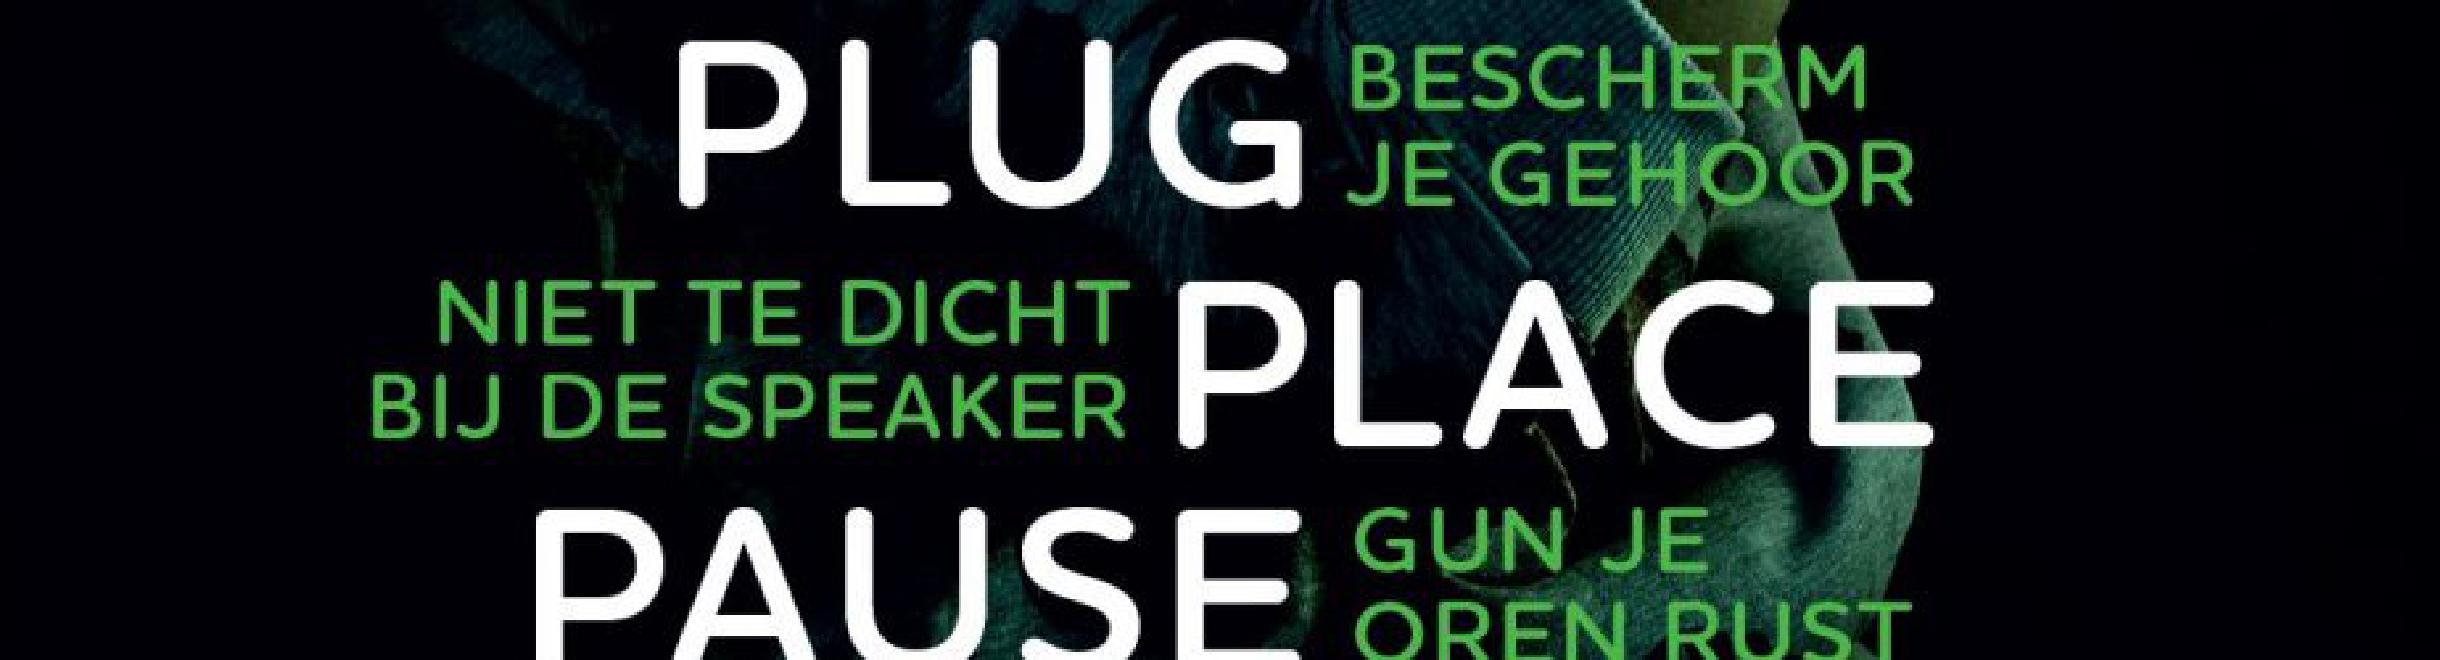 Plug. Place. Pause.